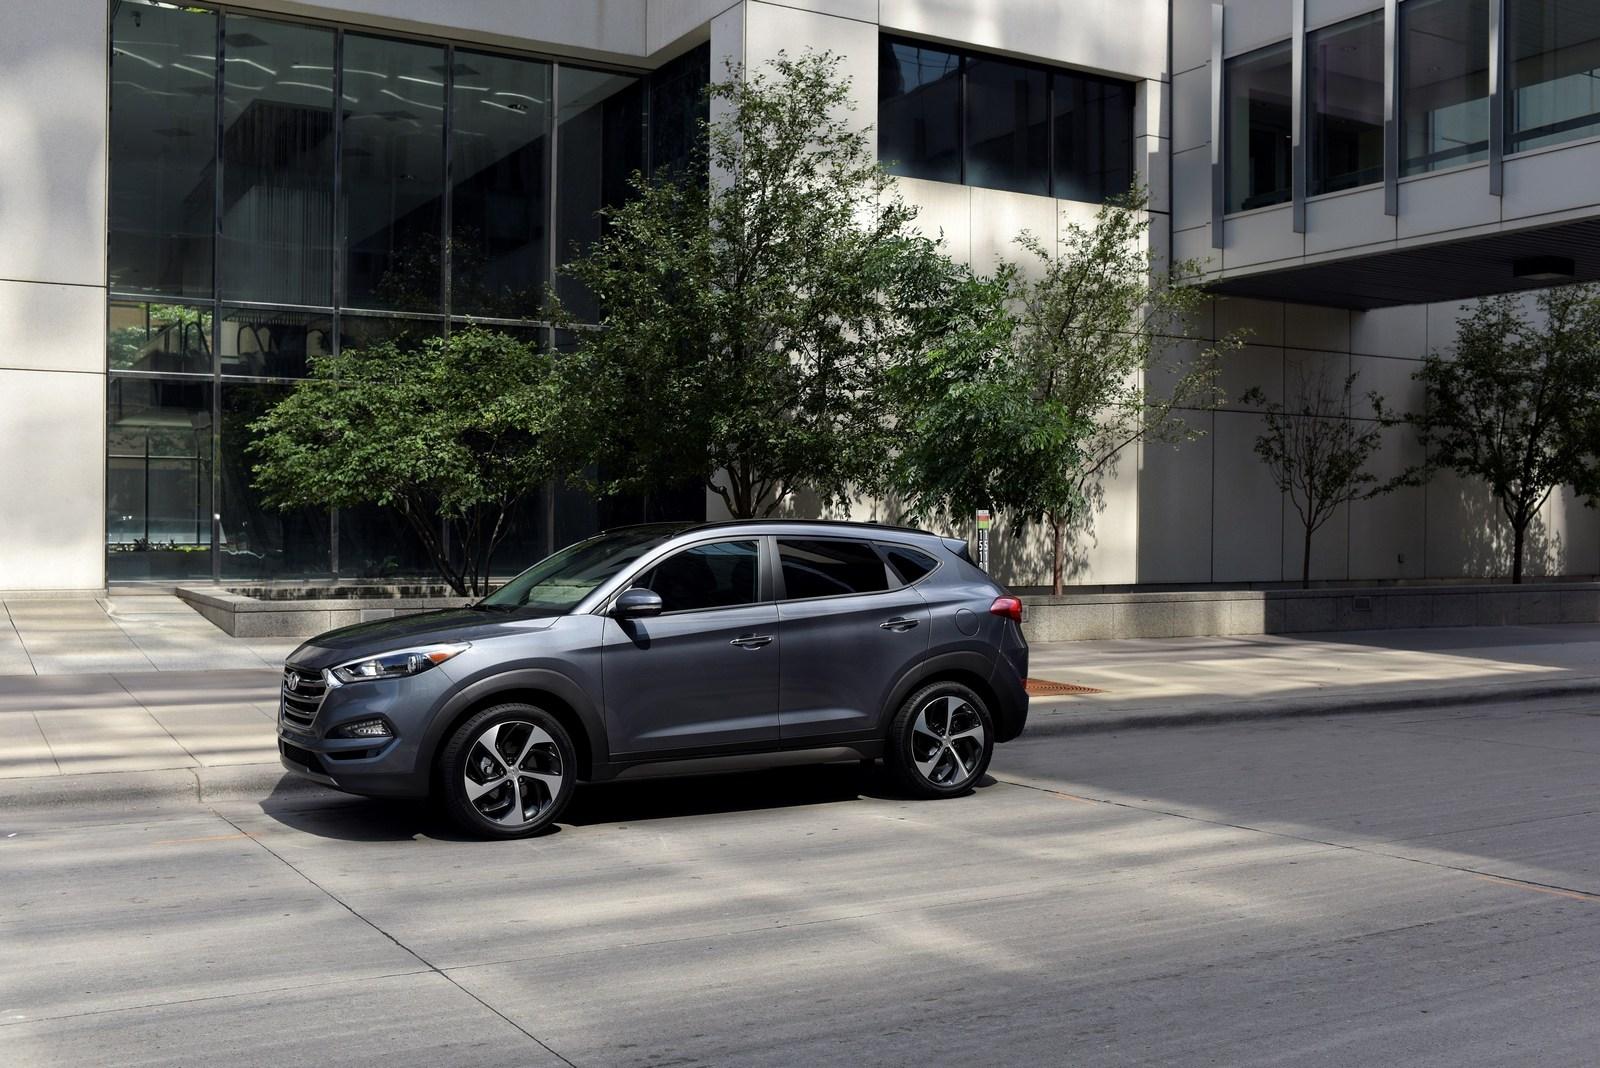 Xe++ - Hyundai bổ sung loạt trang bị mới trên Tucson 2018   (Hình 6).